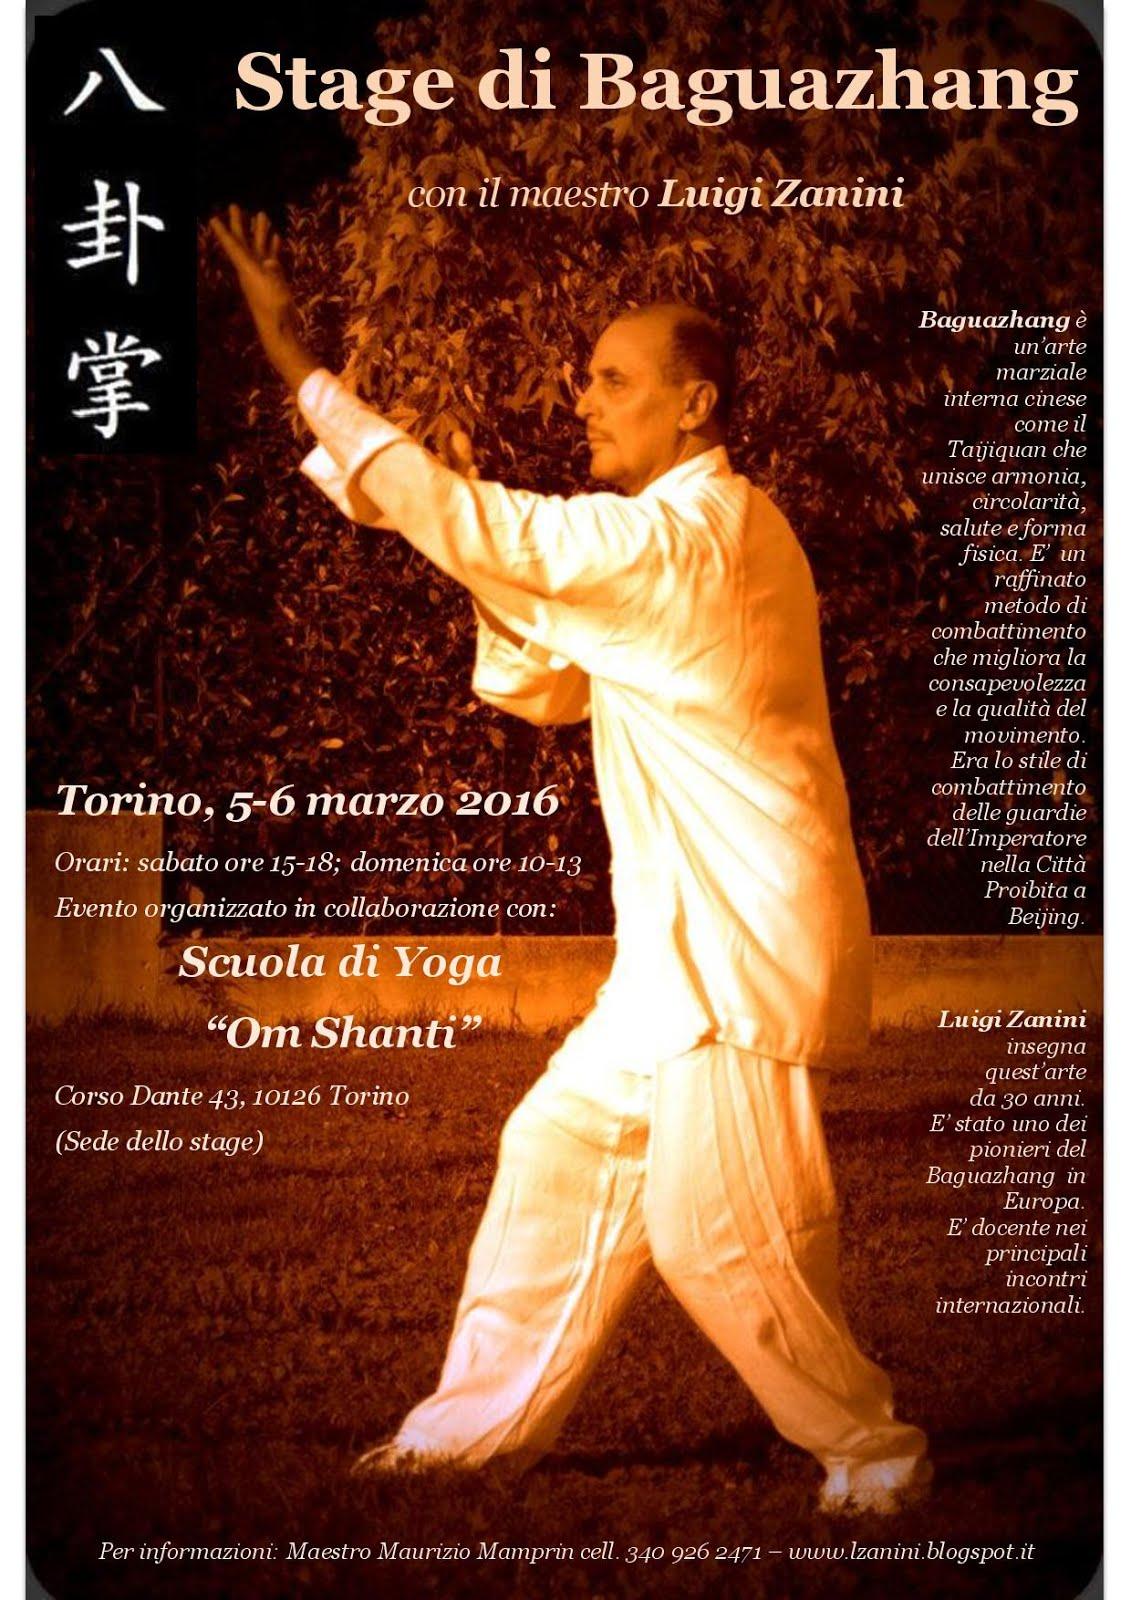 Torino, 5 e 6 marzo 2016